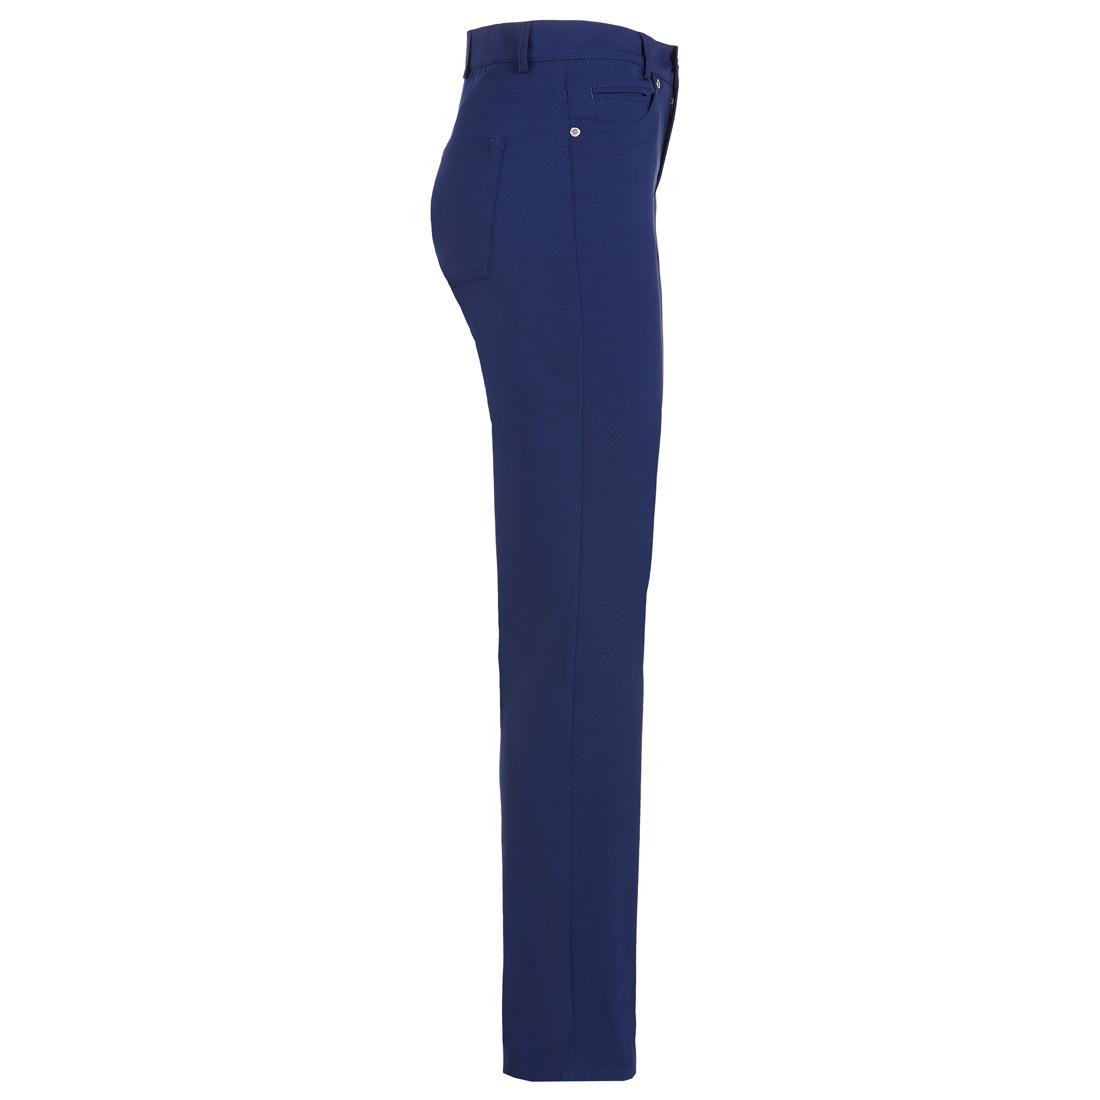 Damen Golf Stretch-Funktionshose mit Regenschutz